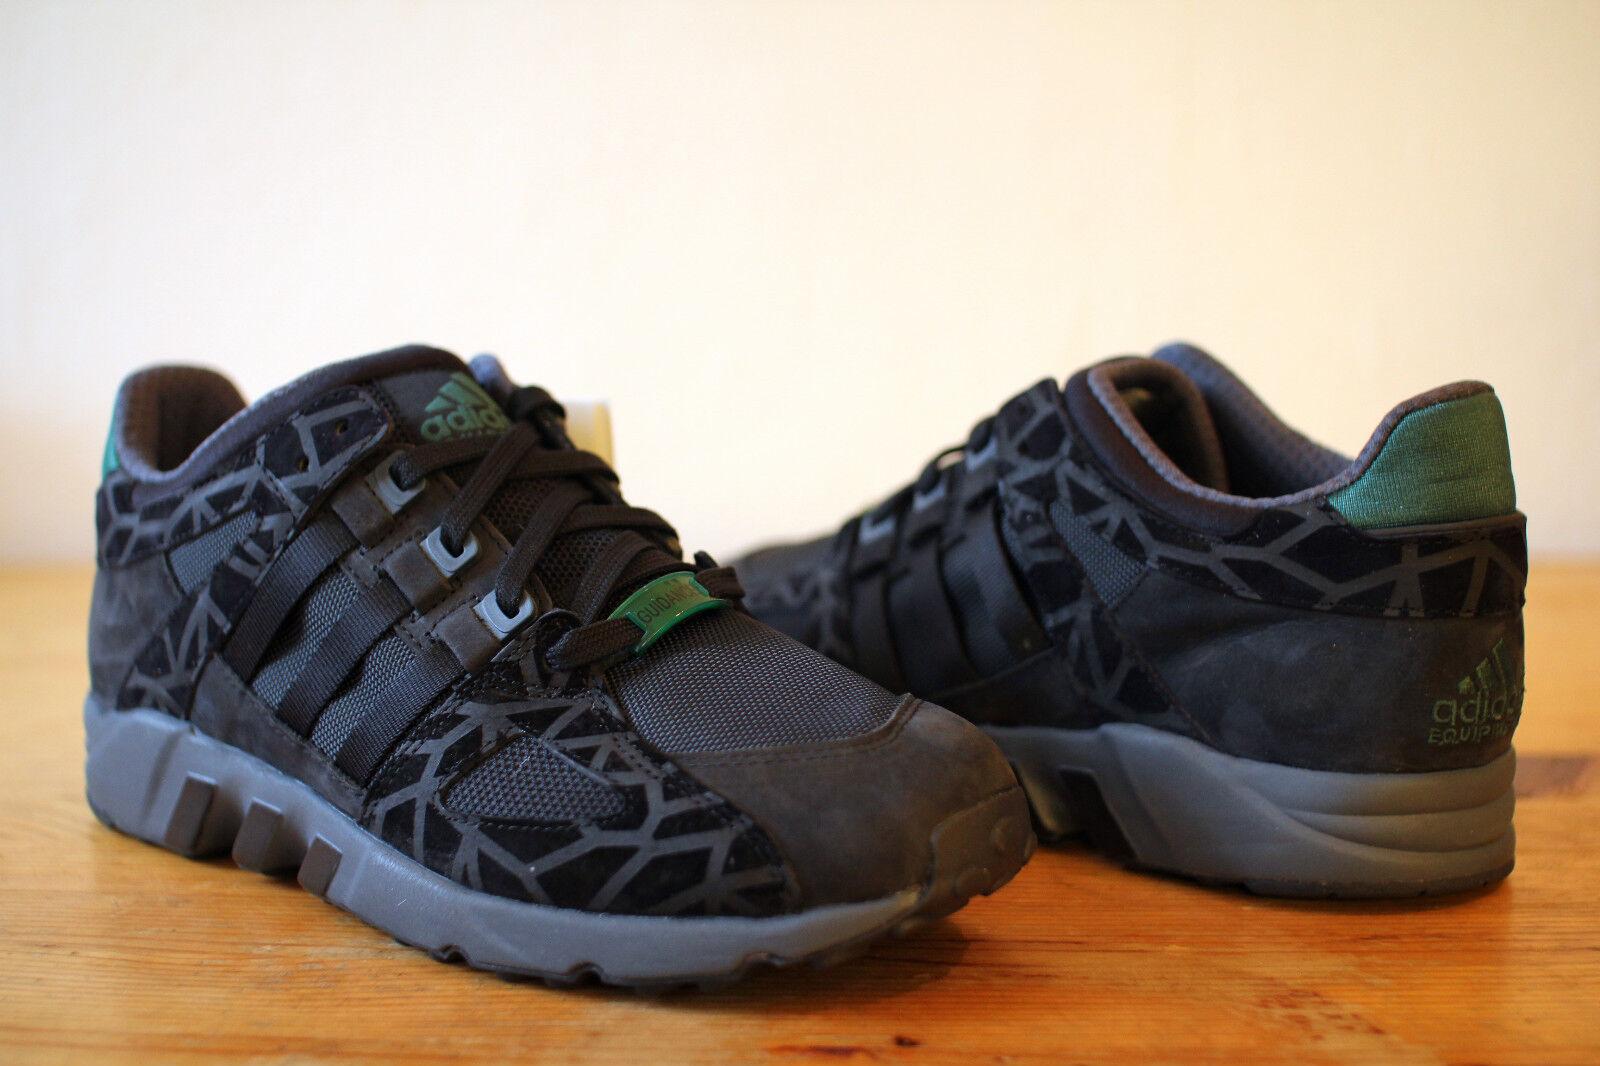 Adidas Equipment Running Support 93 Guidance Schwarz/Grün Gr. 42-46 NEU & OVP